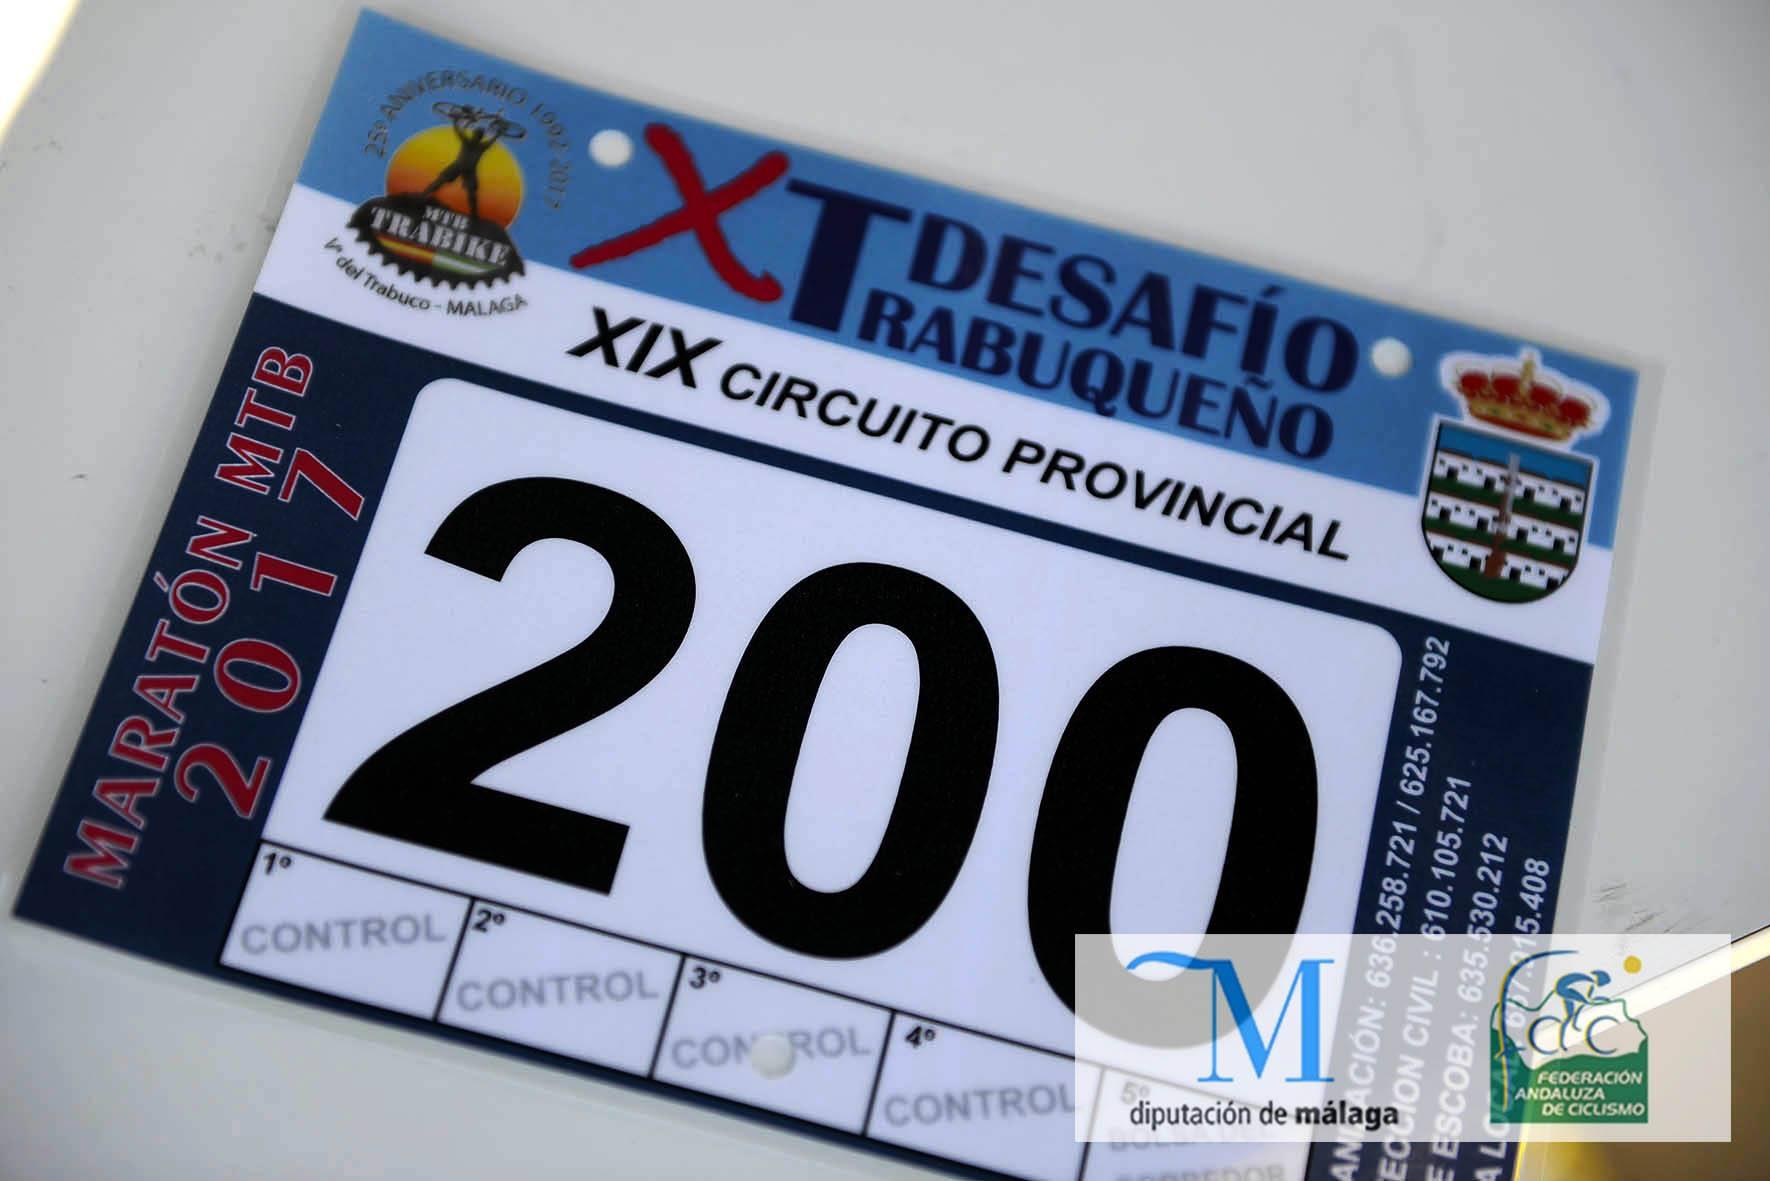 X DESAFIO TRABUQUEÑO MTB (25º ANIVERSARIO TRABIKE)